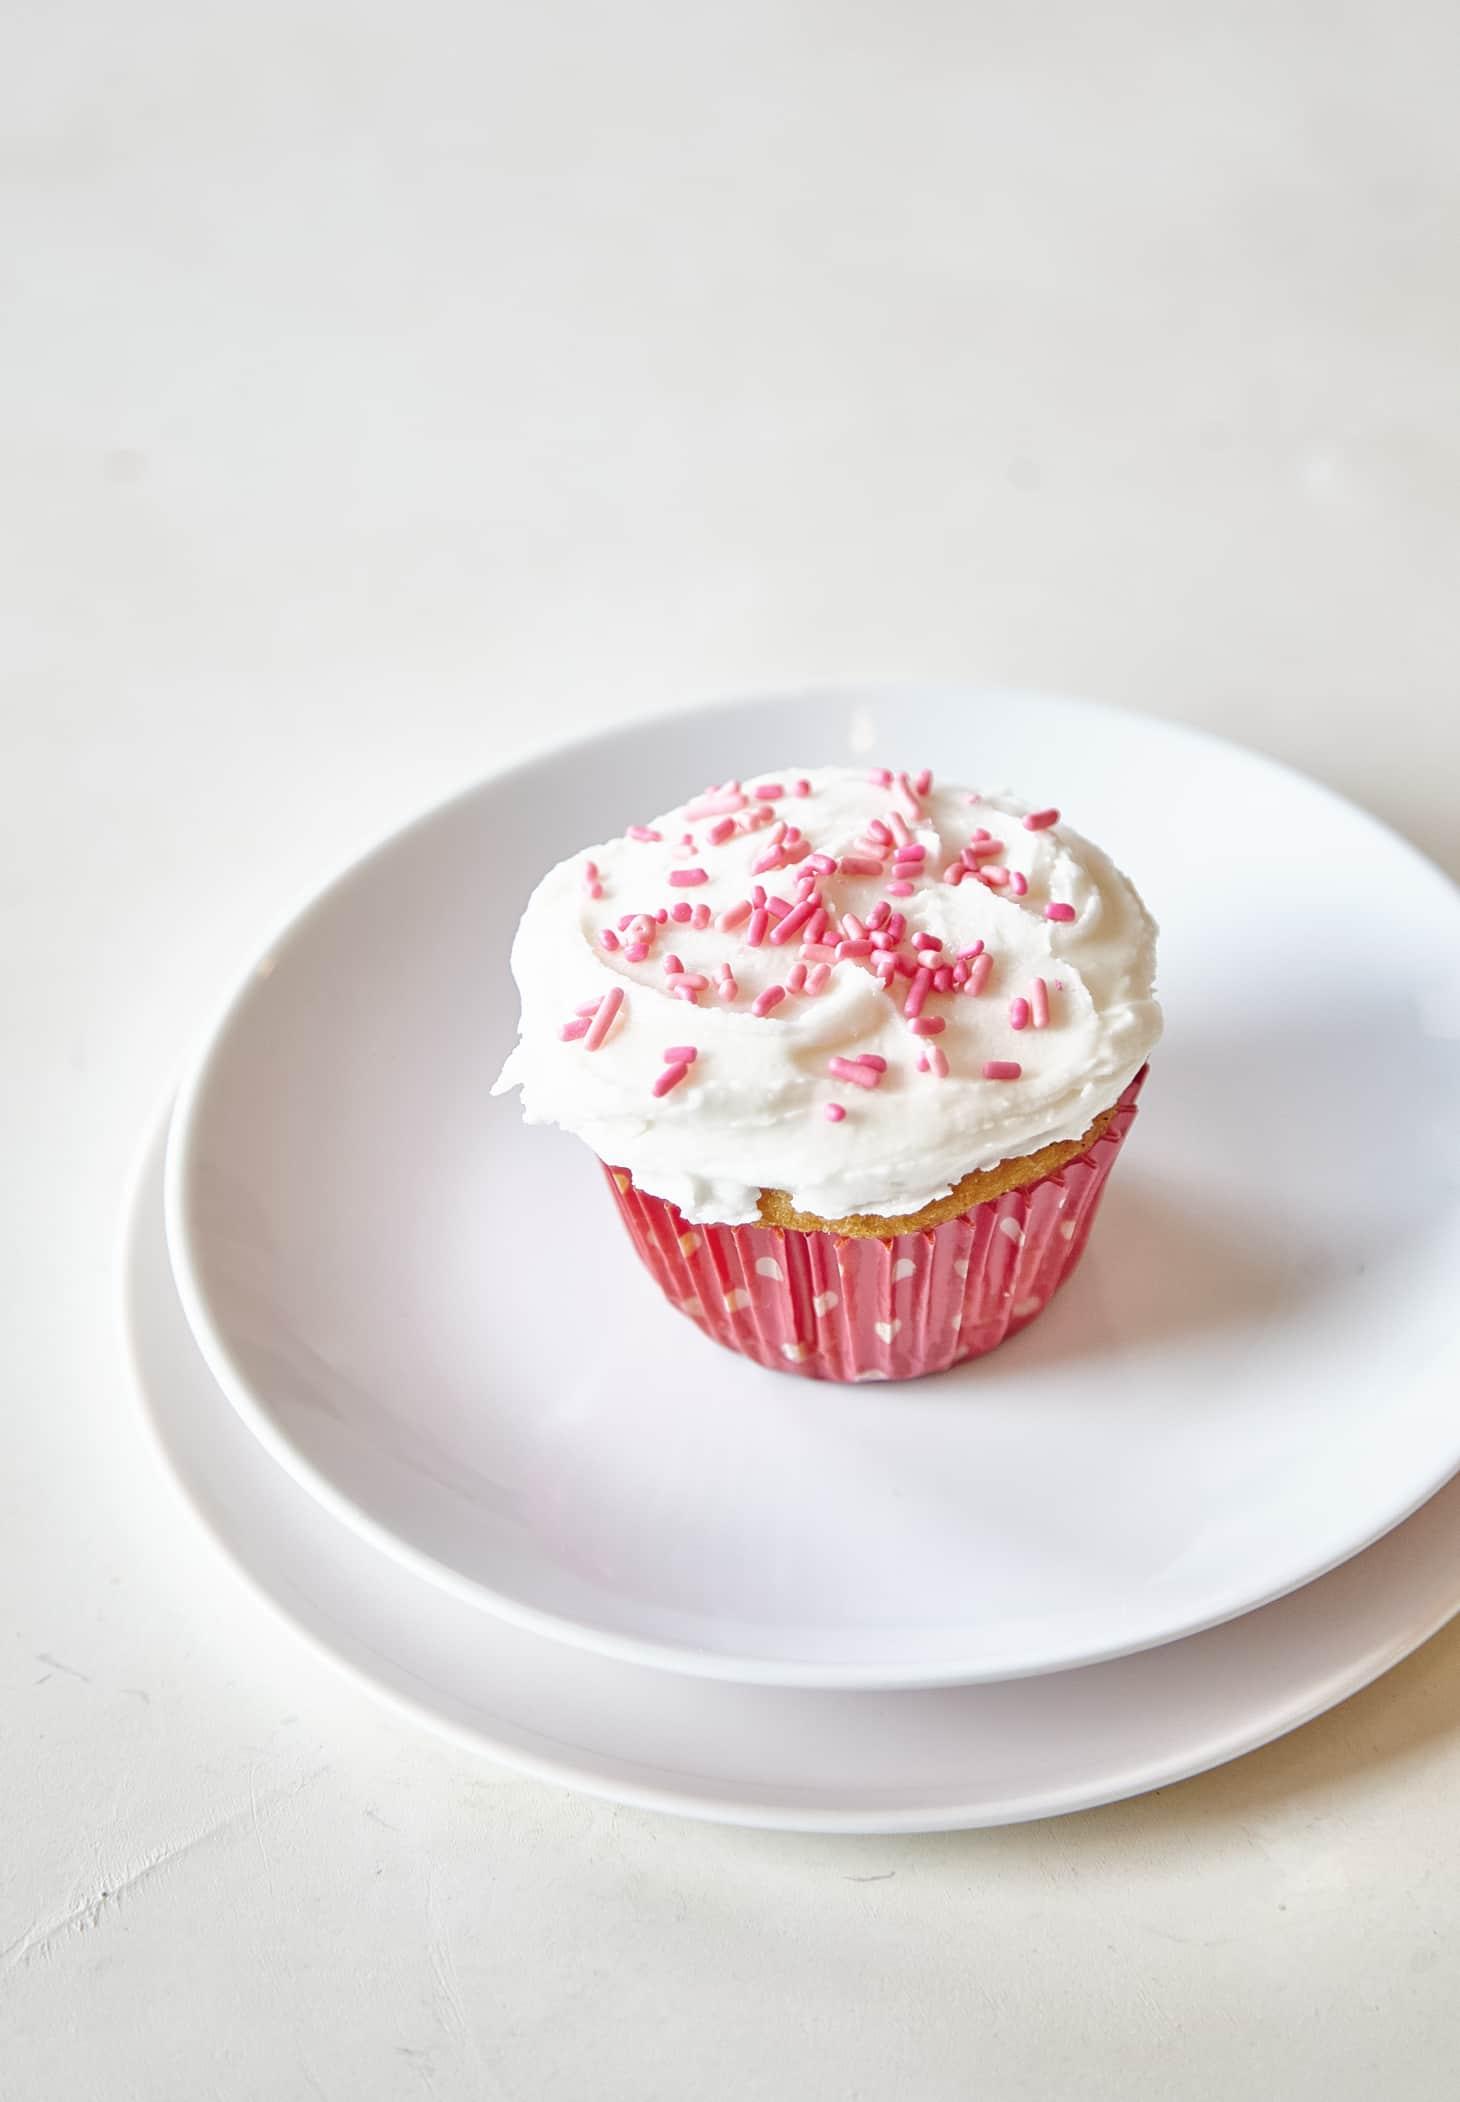 How To Make One Vanilla Cupcake